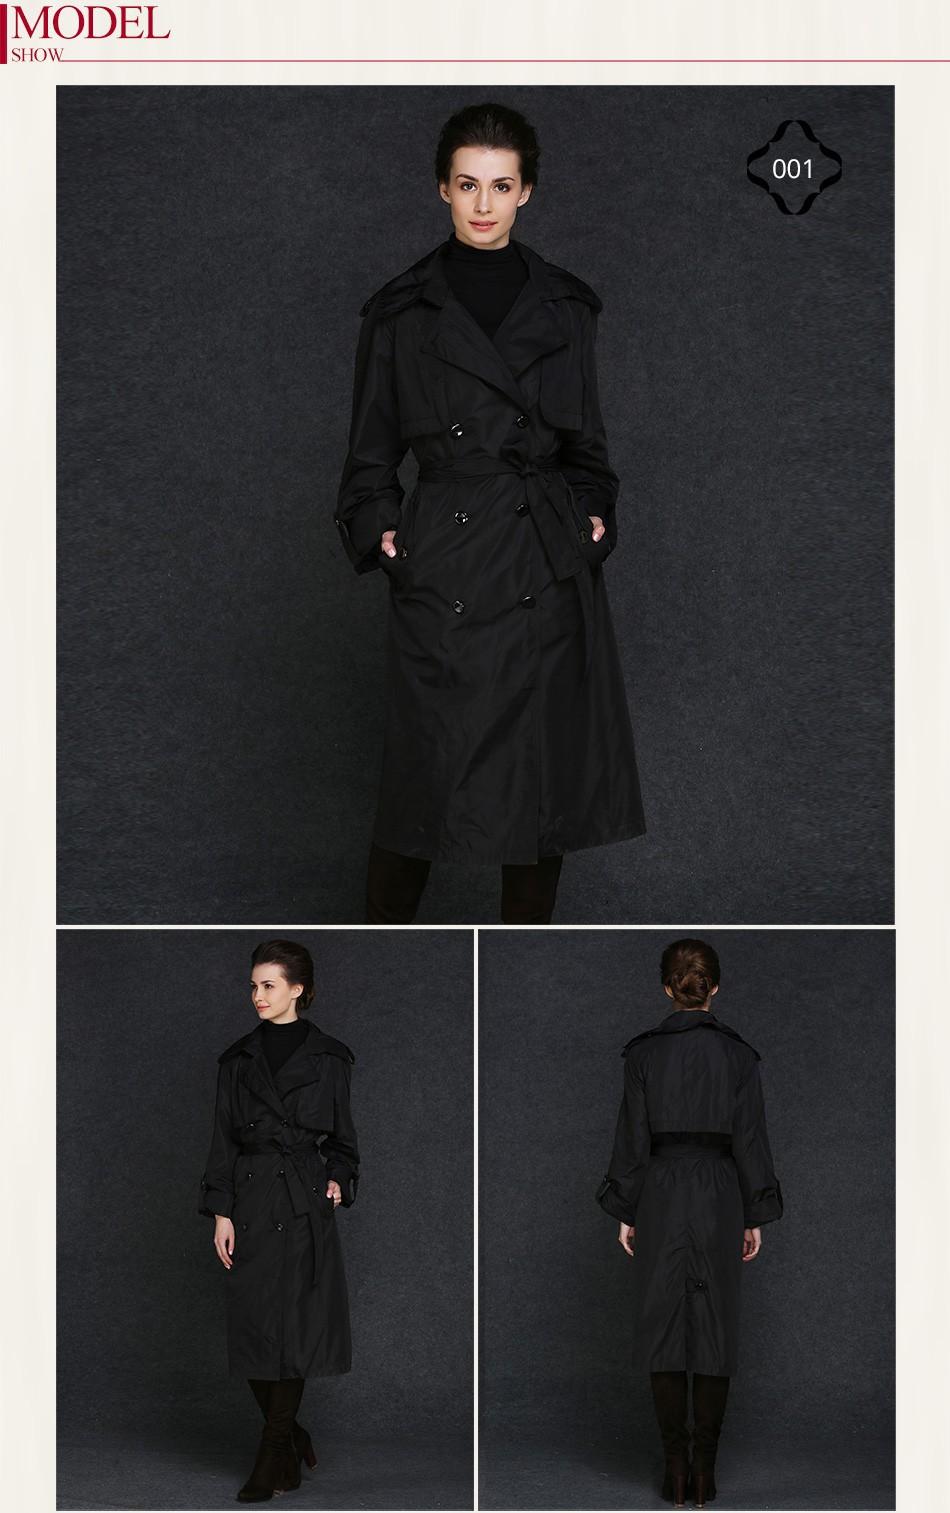 בכבוד 2014 ניו נשים אופנתי חולצות ג ' קטים עם ברדס מעיל רוח נשים מעיל האופנה משלוח חינם 9835